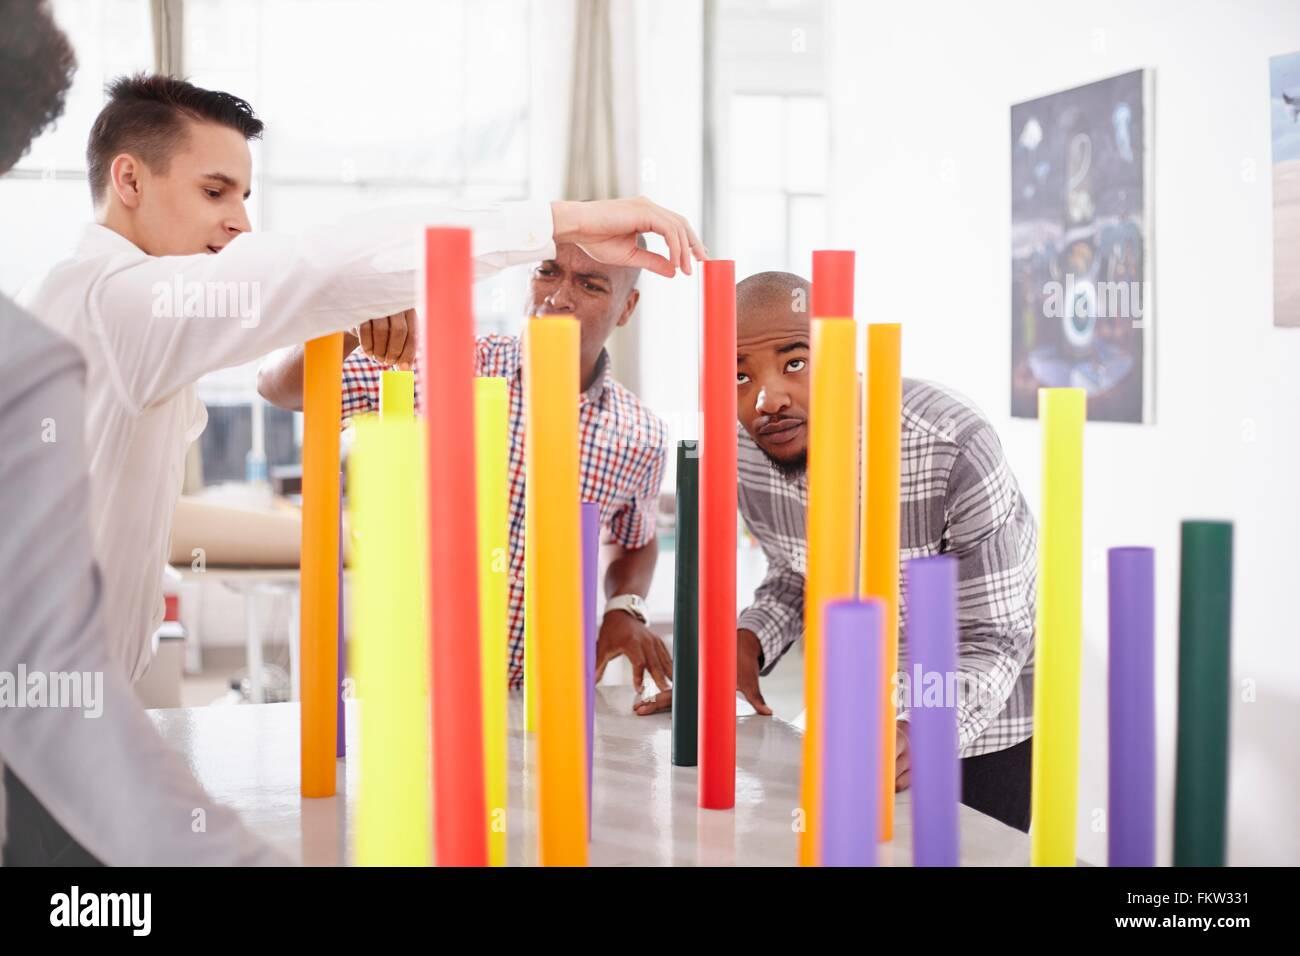 Kolleginnen und Kollegen im Team-building Aufgabe Ausgleich bunte Rohre Stockbild